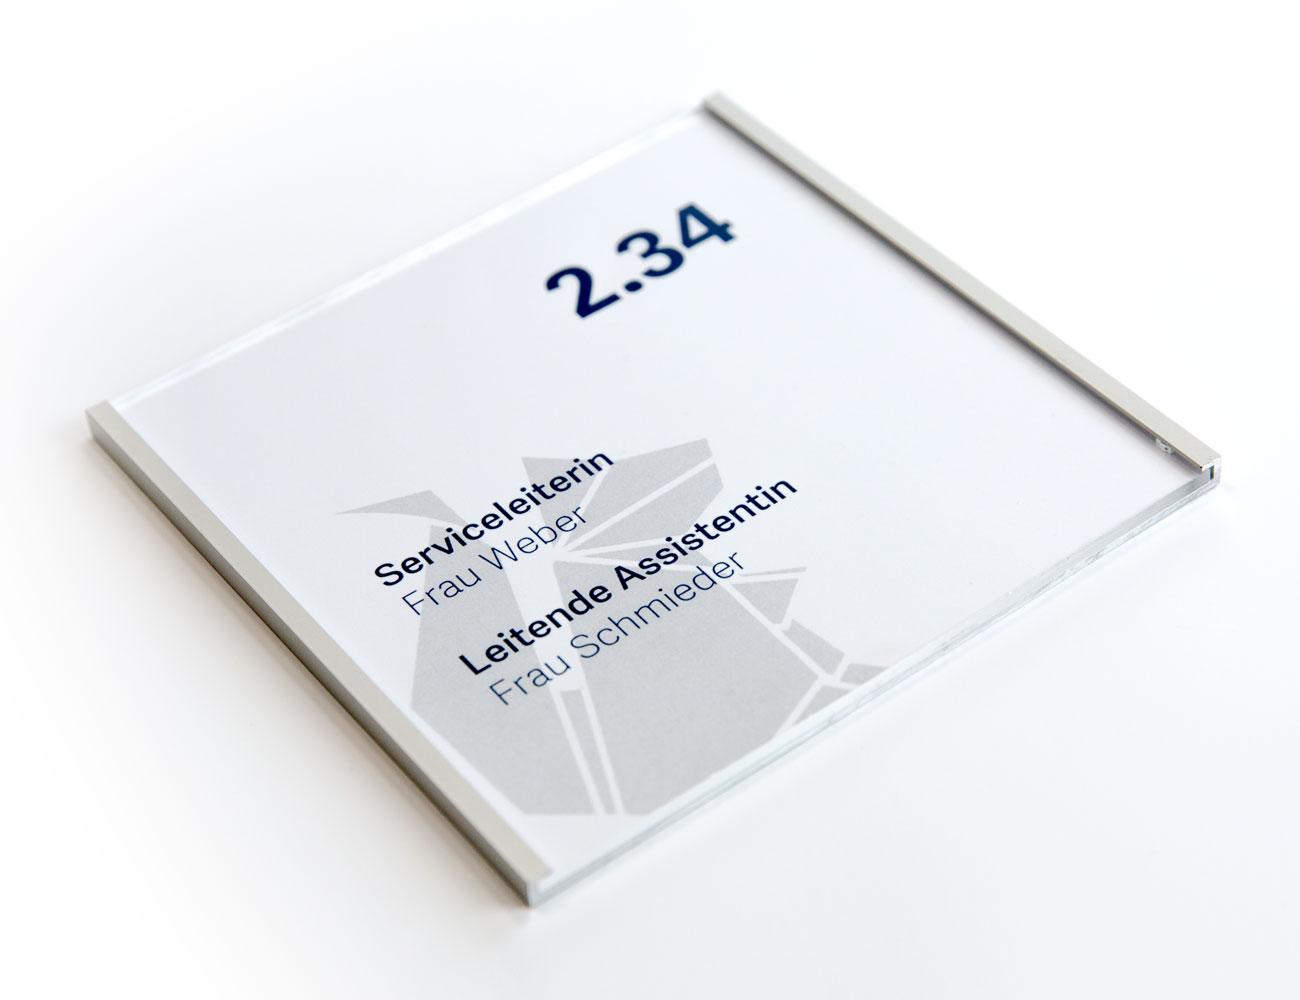 rechteckiger Rahmen mit Beschriftung auf weißem Hintergrund